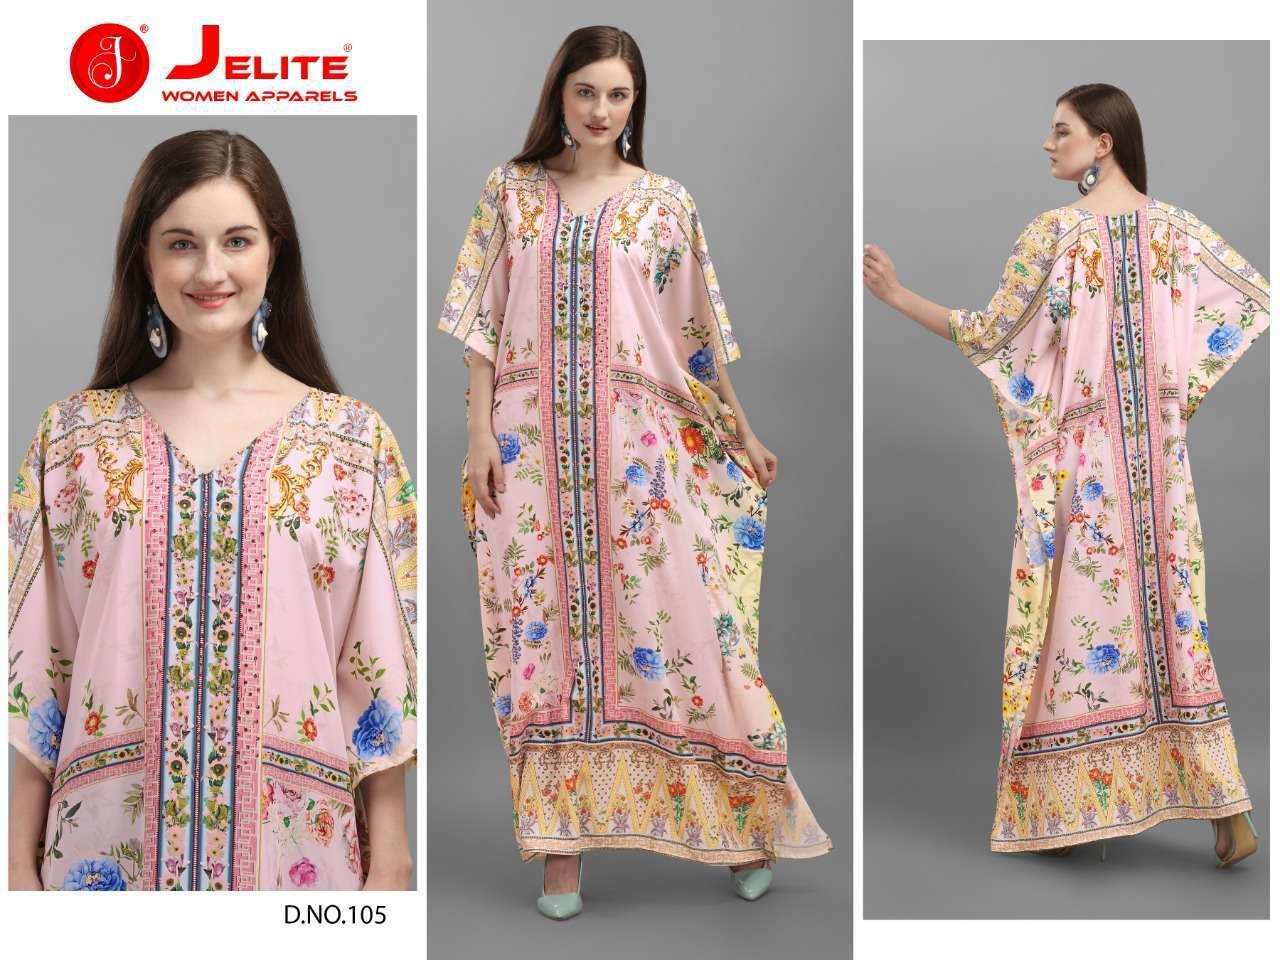 Jelite Afreen Kaftans Kurti Wholesale Catalog 8 Pcs 4 - Jelite Afreen Kaftans Kurti Wholesale Catalog 8 Pcs